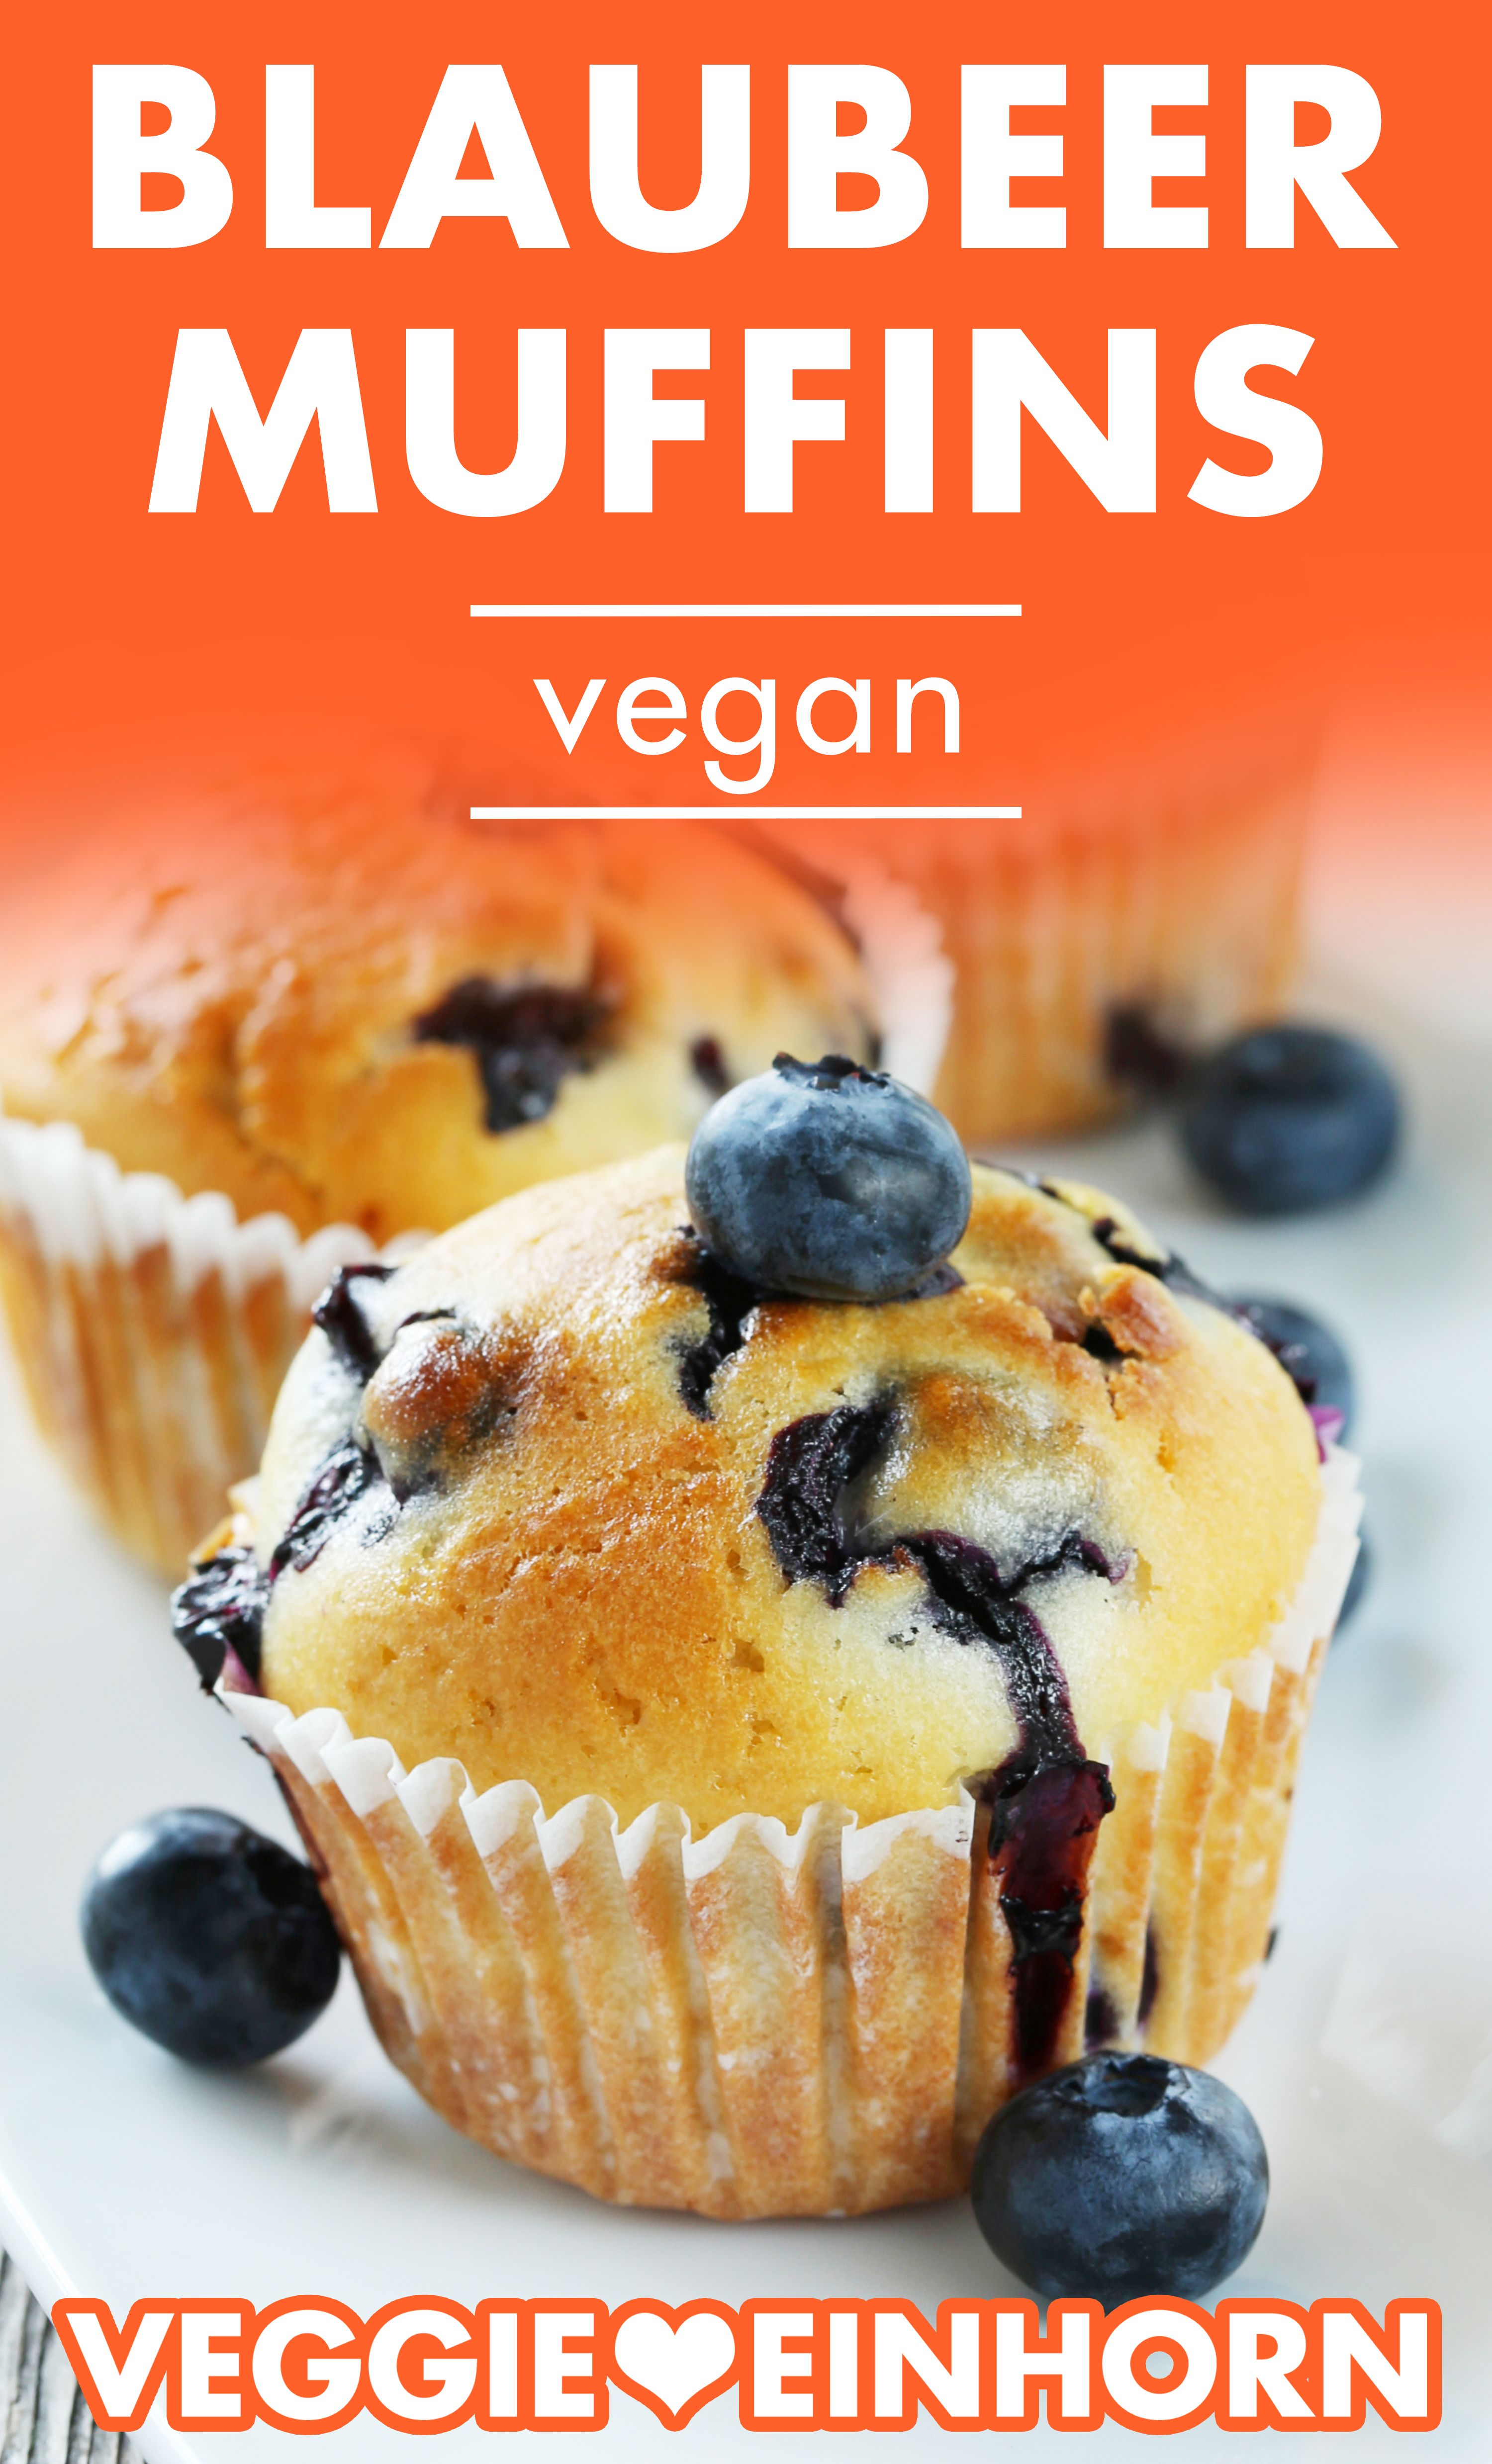 Einfache vegane Muffins backen | Schnelle vegane Muffins mit Beeren | Blaubeermuffins ohne Ei